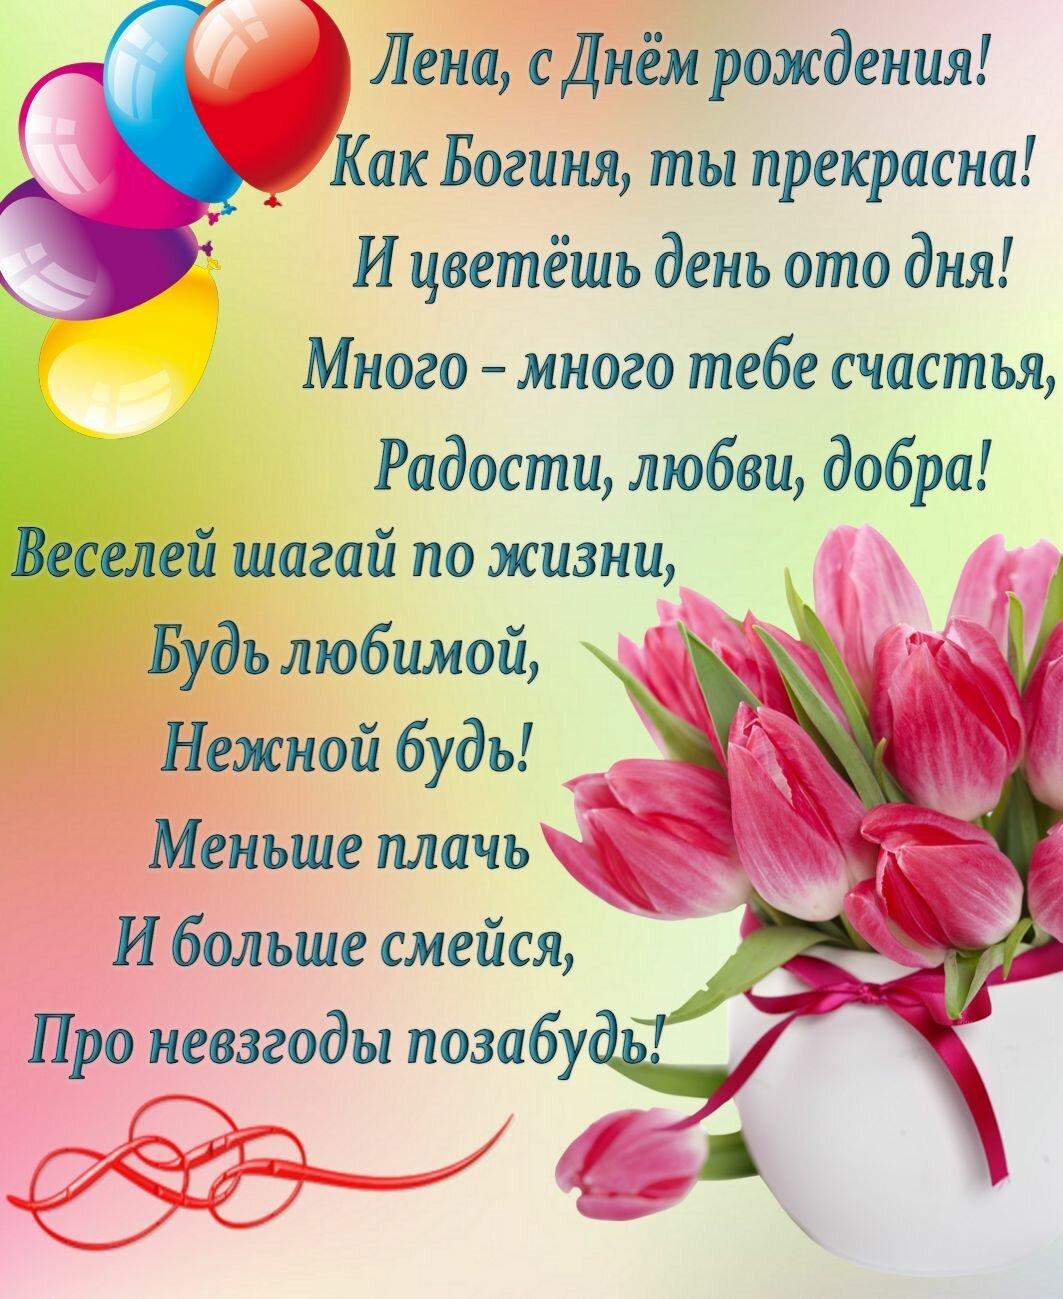 Картинки с днем рождения лена